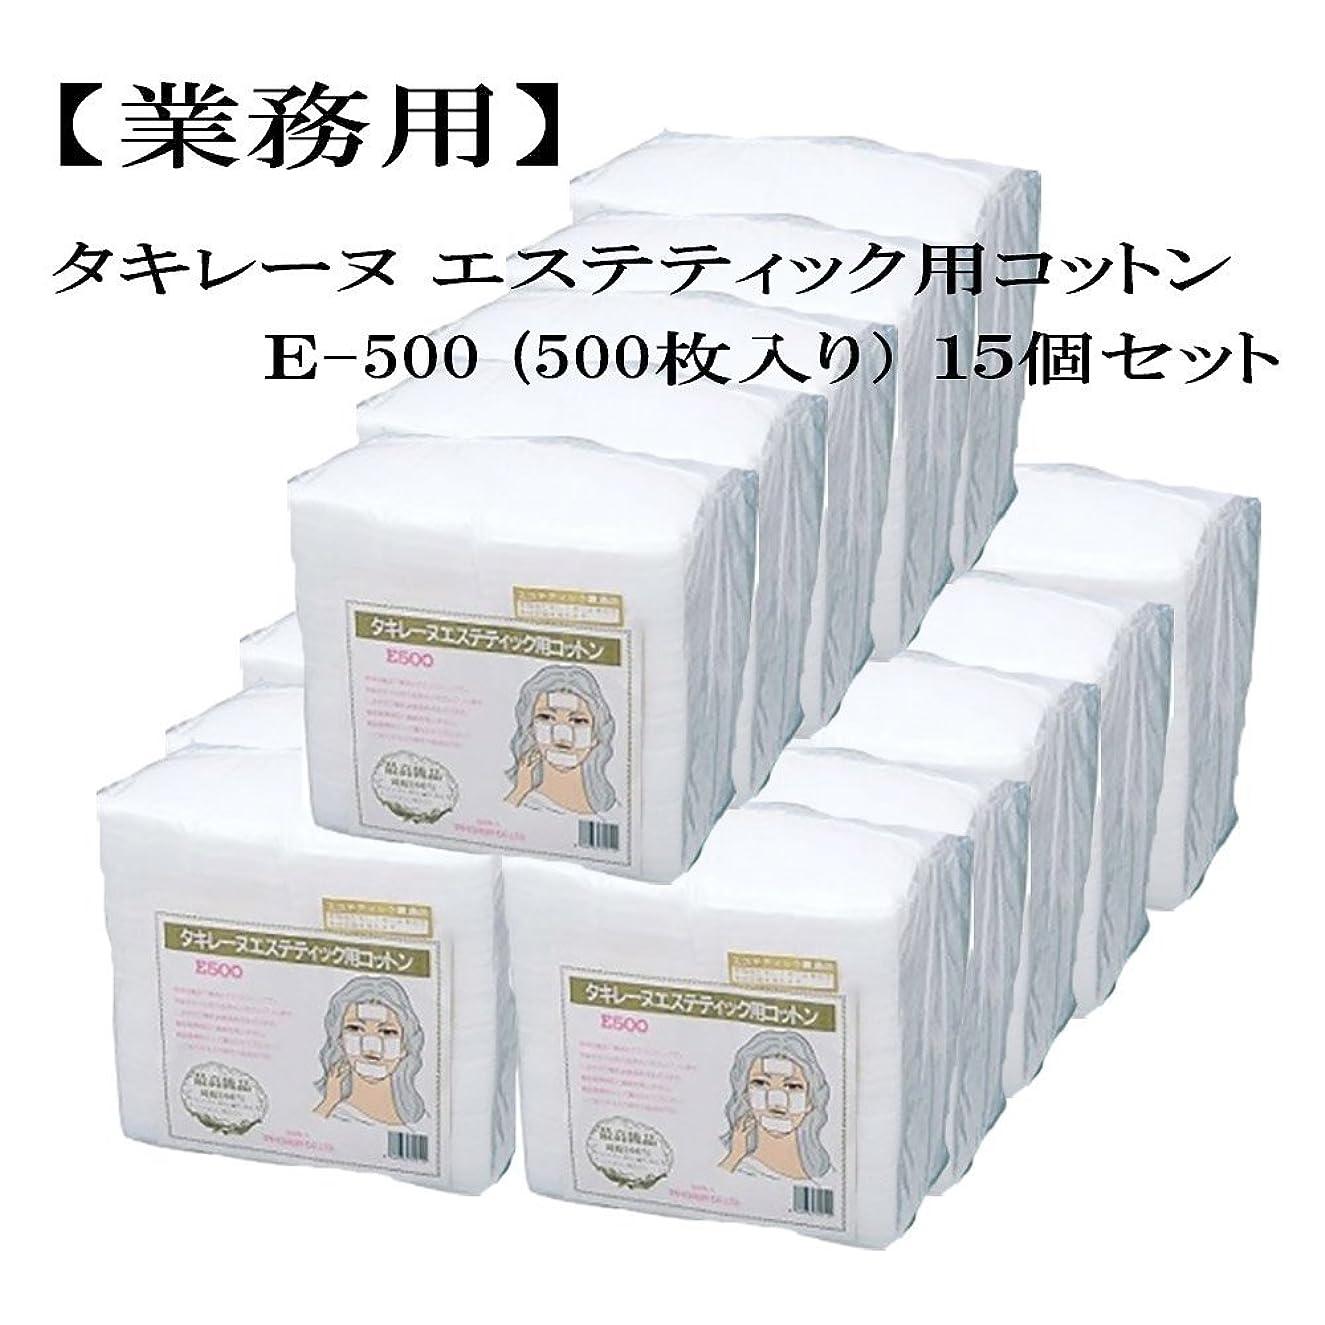 見えない夕食を食べるあごタキレーヌ エステティック用コットン E-500 500枚入 15個セット 業務用